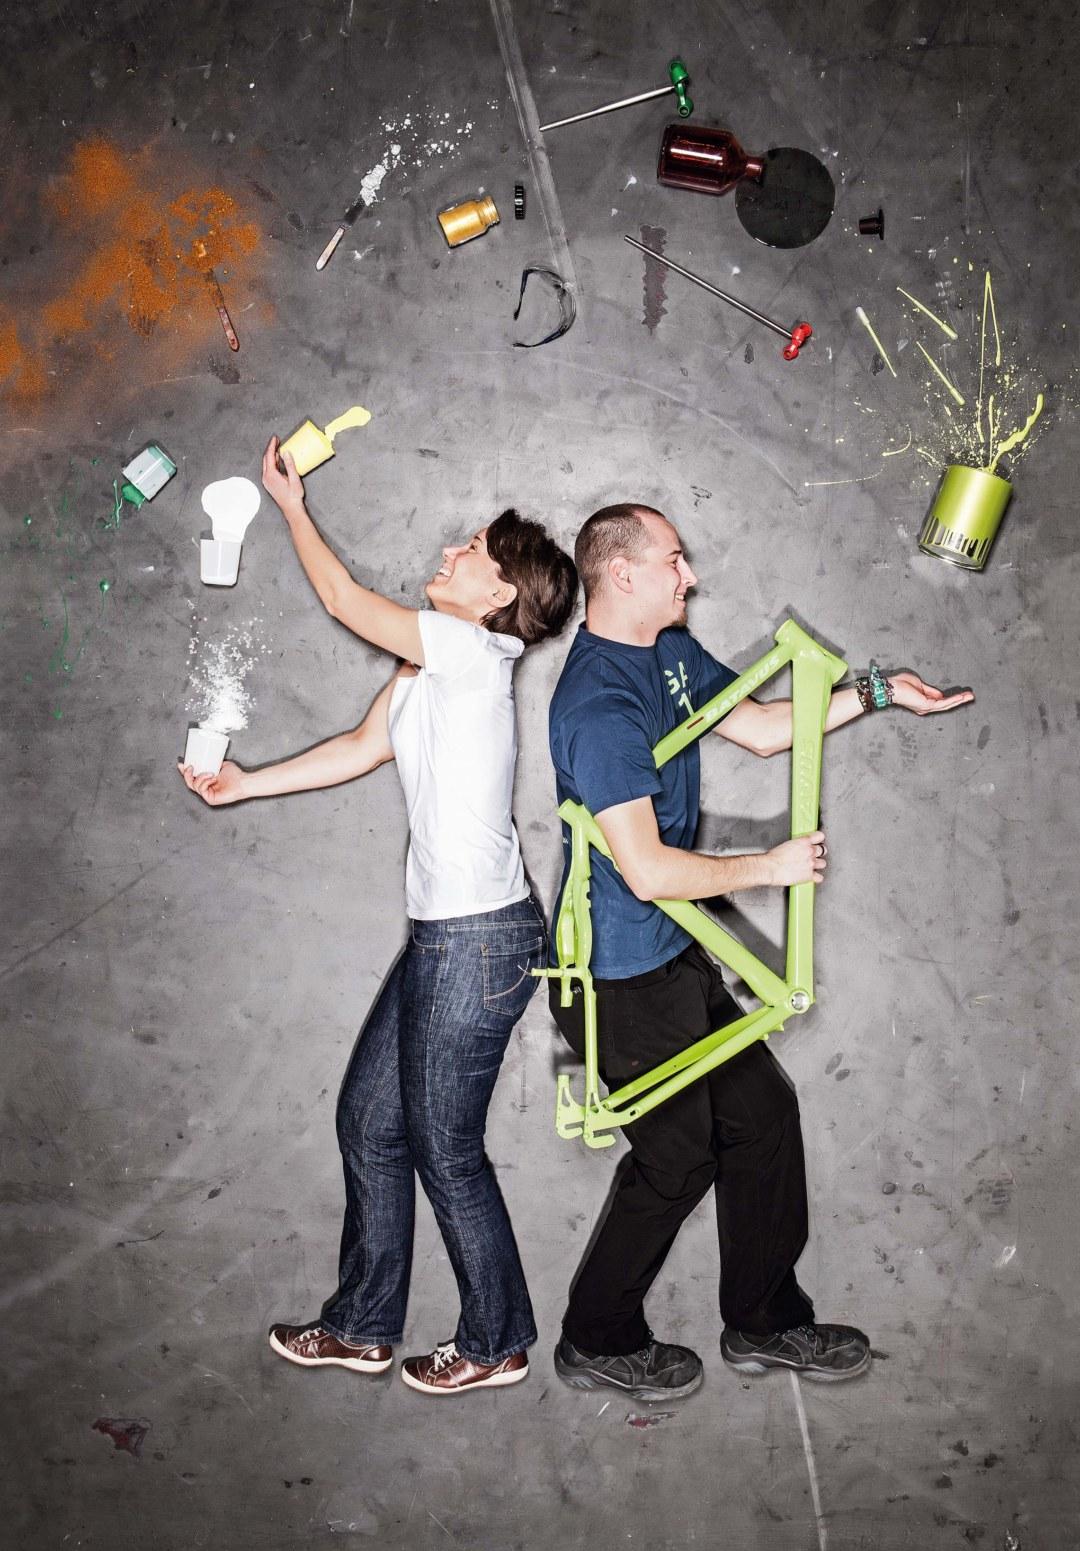 Haben den Bogen raus: Lackingenieurin Nicole Hörner und der angehende Lacklaborant Felix Bischoff mit den einzelnen Zutaten, die zusammengemischt die gelbgrüne Fahrradfarbe ergeben. ©Frederik Laux